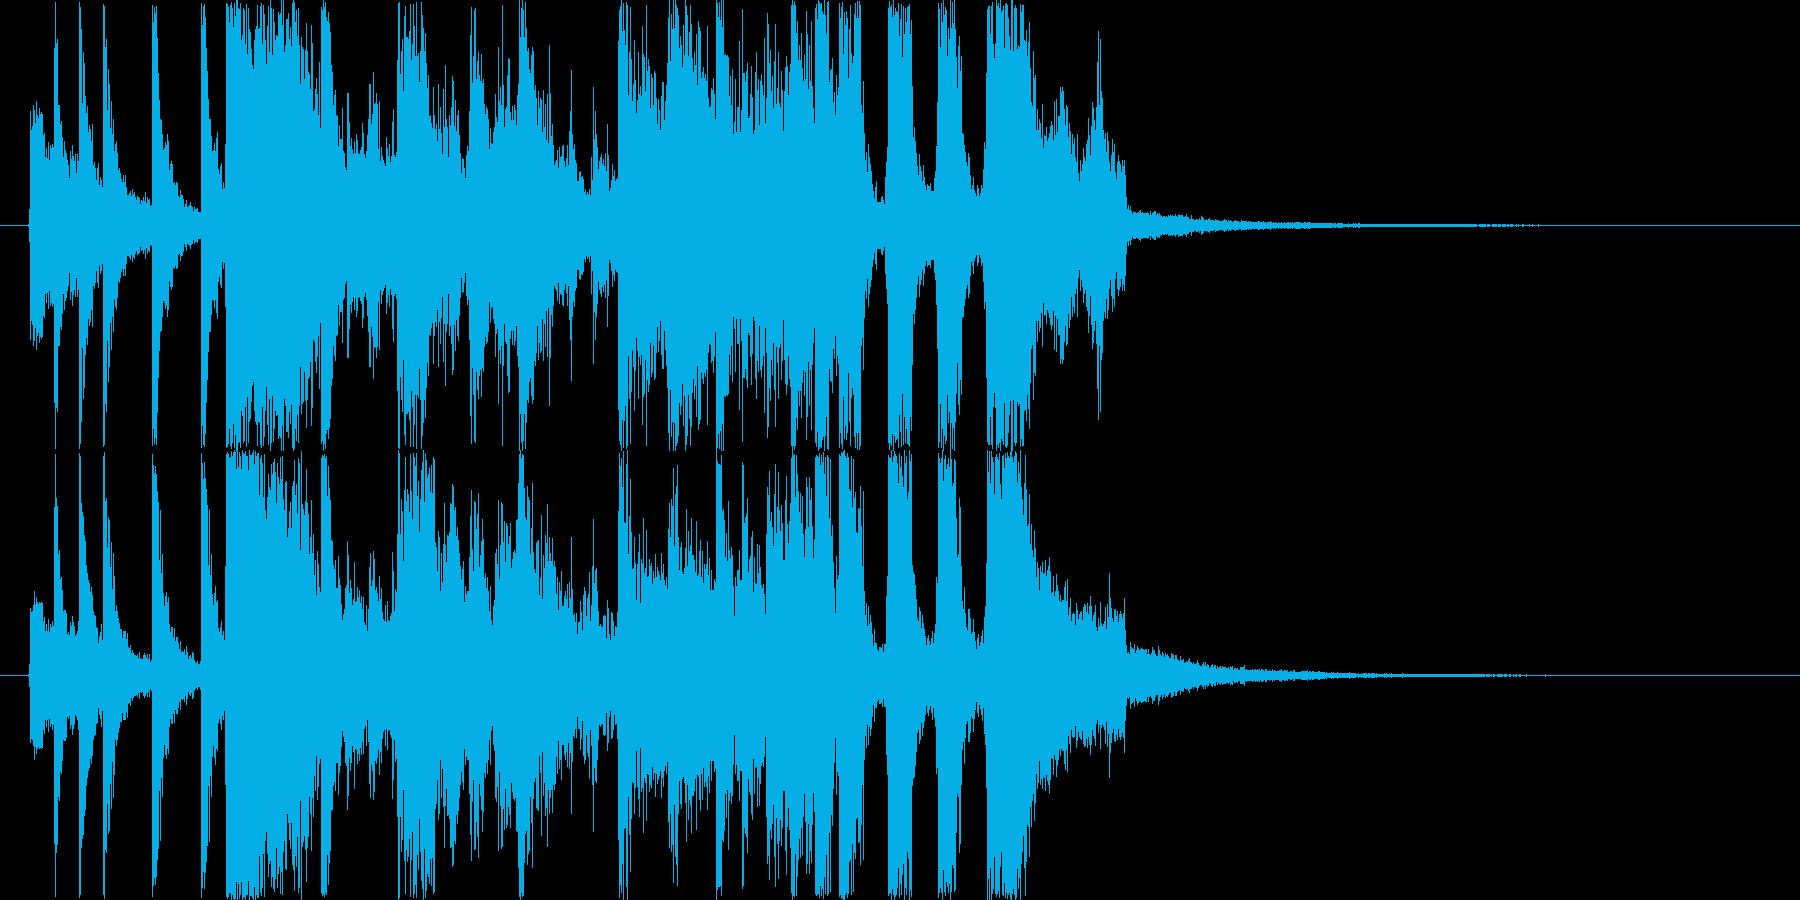 ファンキーな管楽器ジングルの再生済みの波形